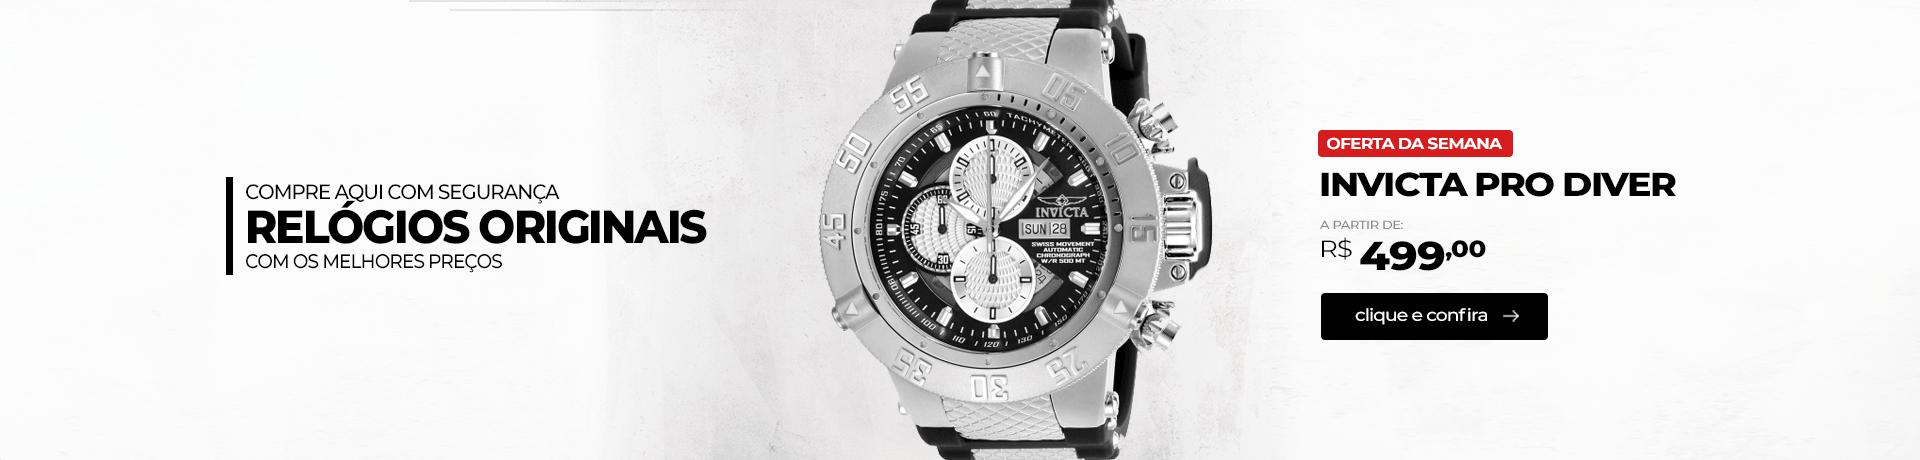 Relógio originais Invicta promoção